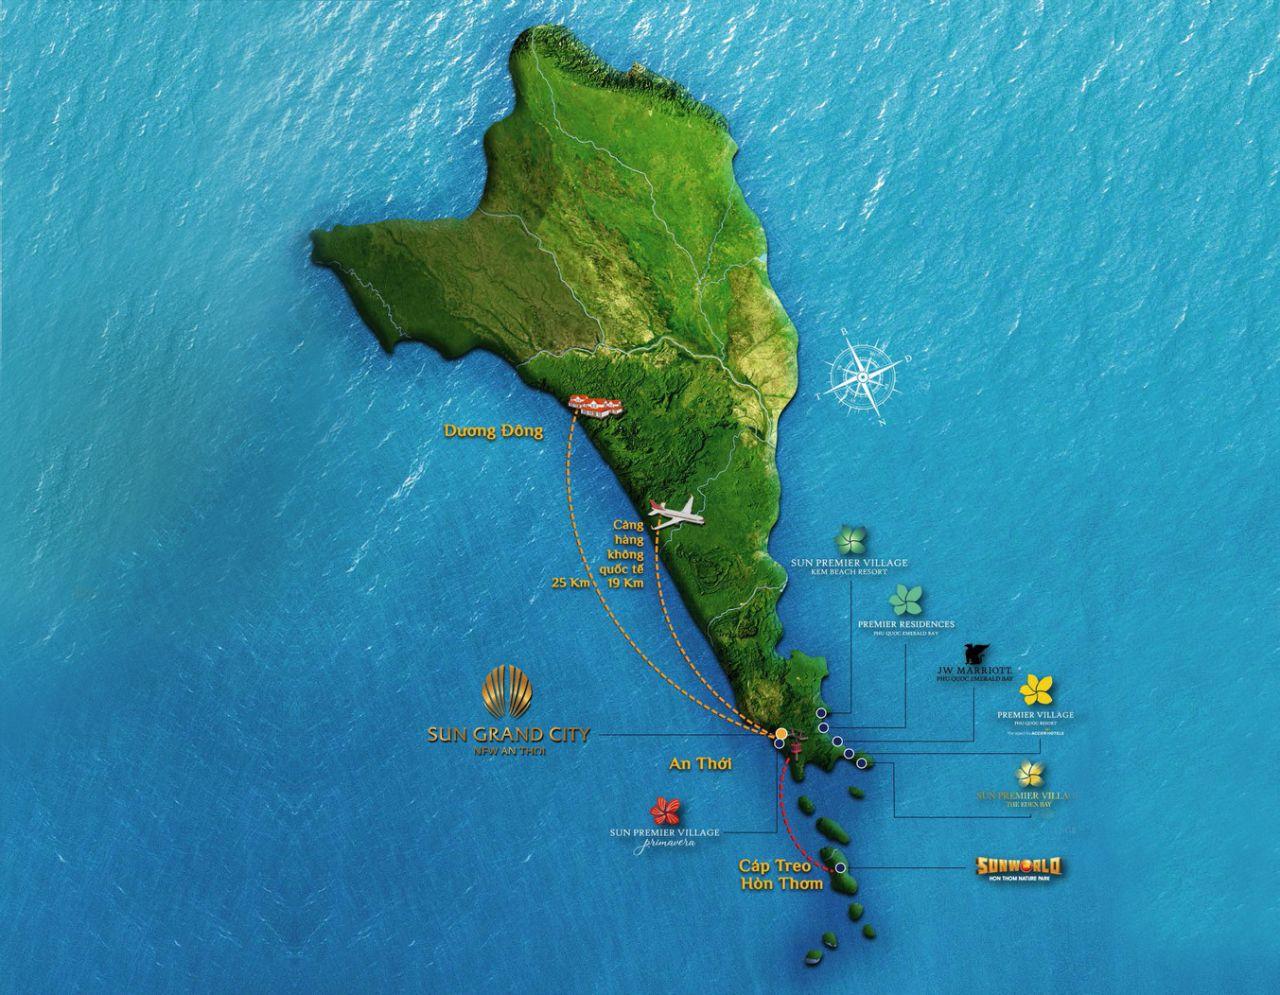 Bản đồ vị trí địa lý dự án Sun Grand City Nam Phú Quốc